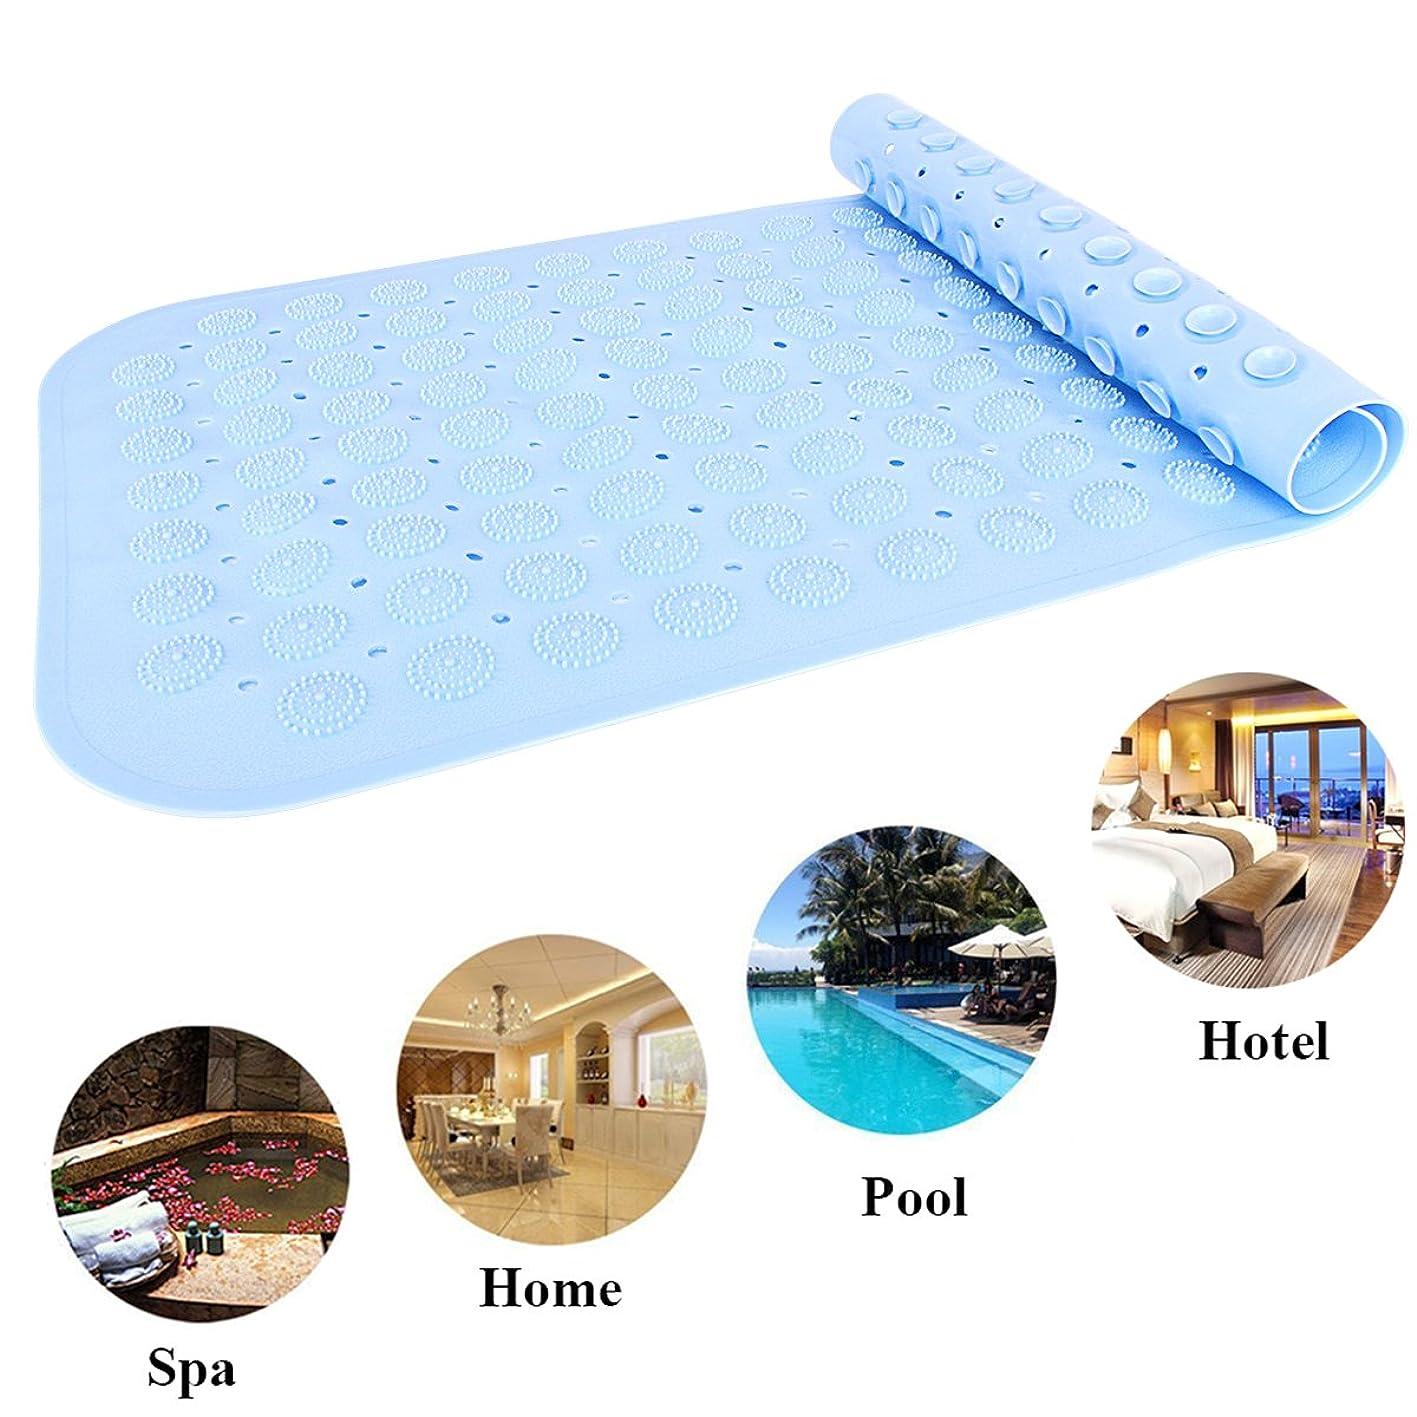 LIANGUS Non-Slip Shower Mat, Dirty Resistant Bath Mat Anti-Slip Mat for Bathroom Toilet Kitchen (Blue) epvvsbonvkk580